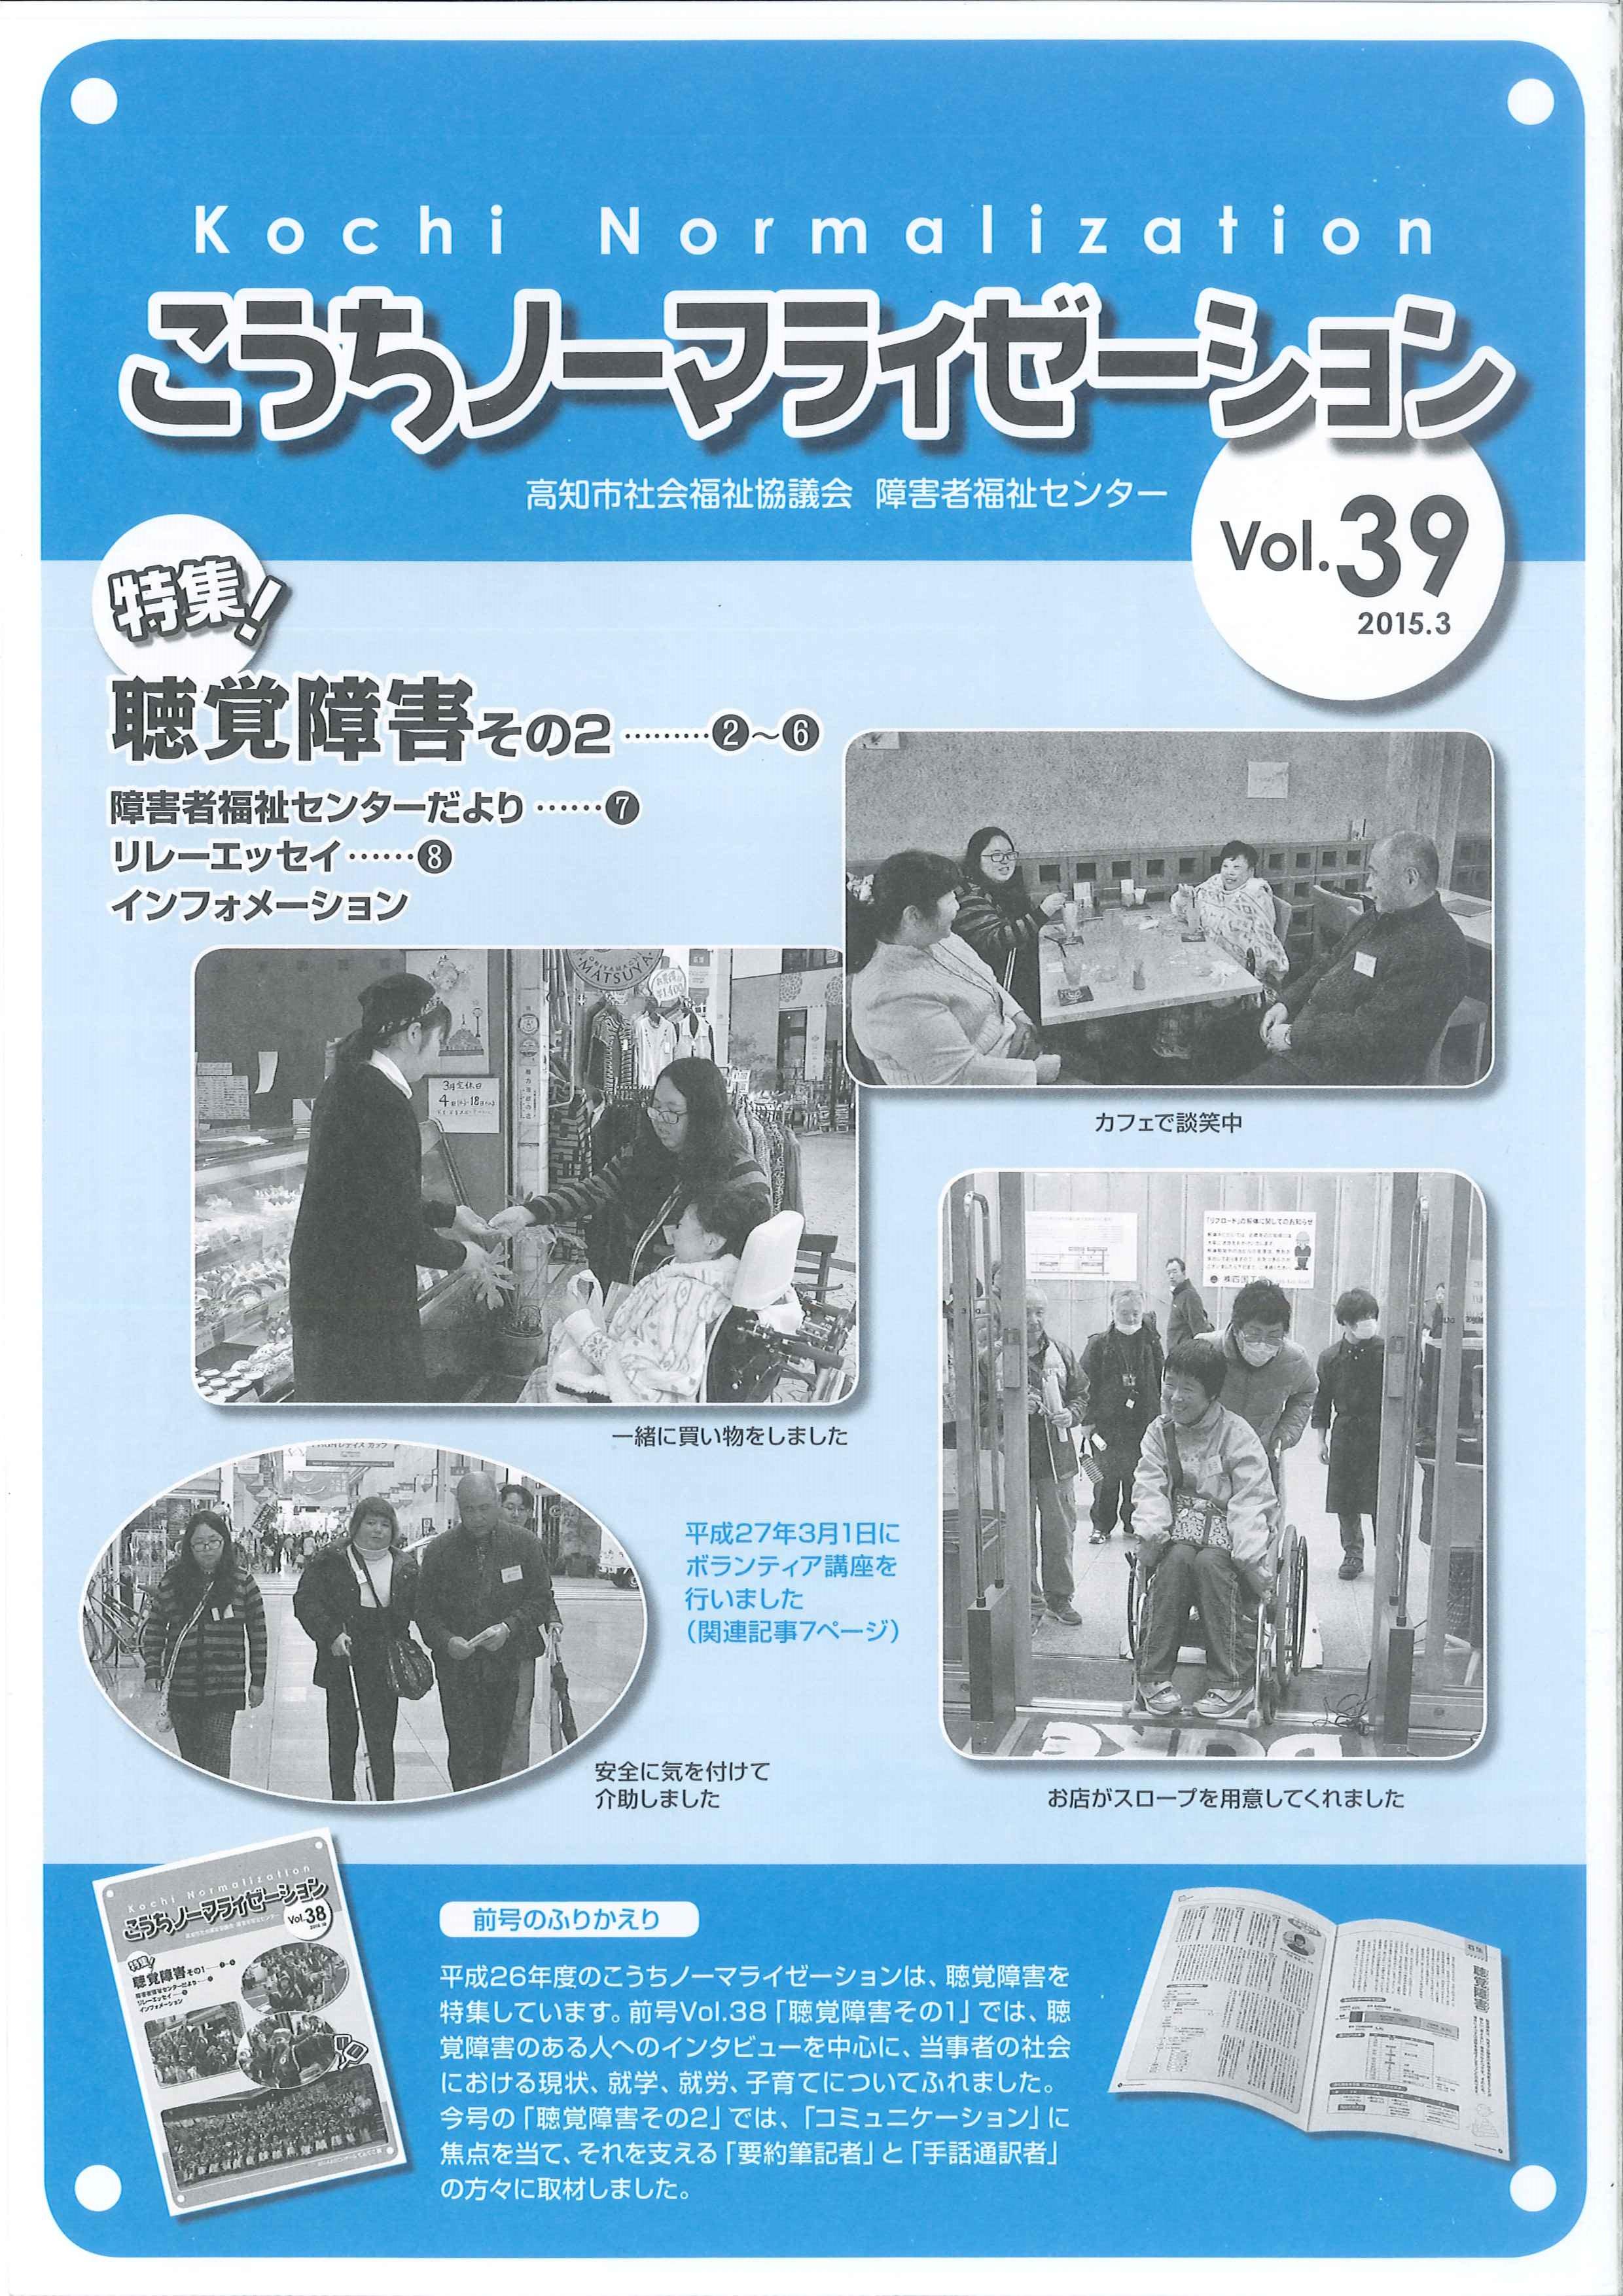 こうちノーマライゼーションVol.39